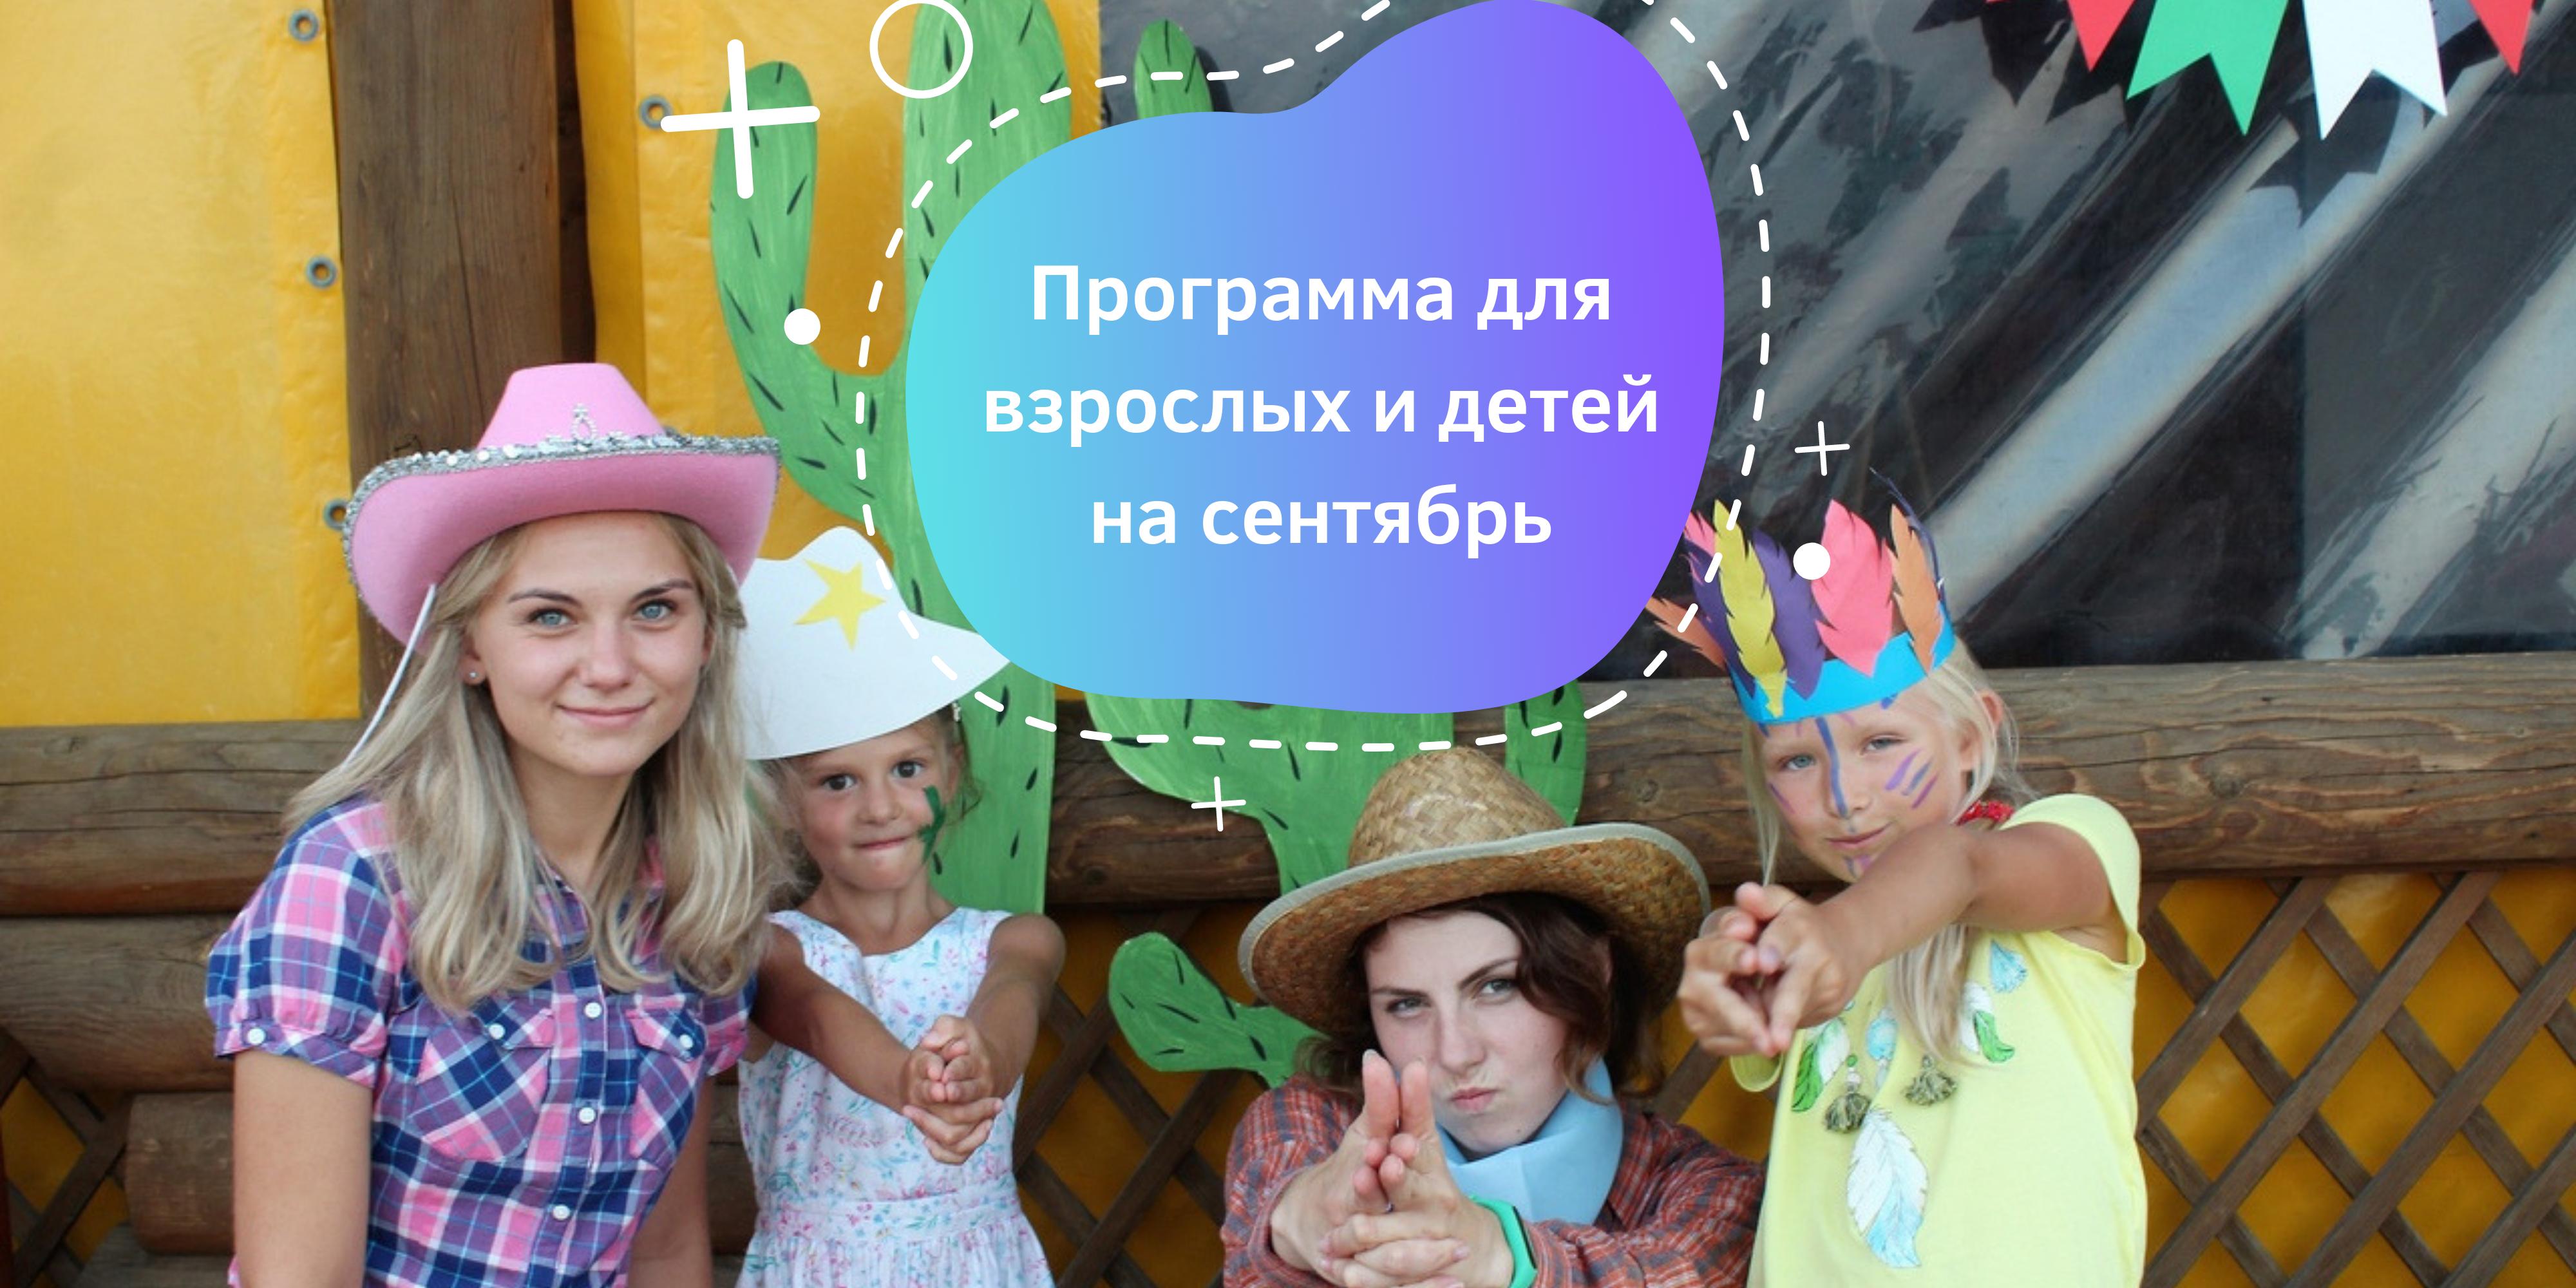 программа для взрослых и детей на сентябрь